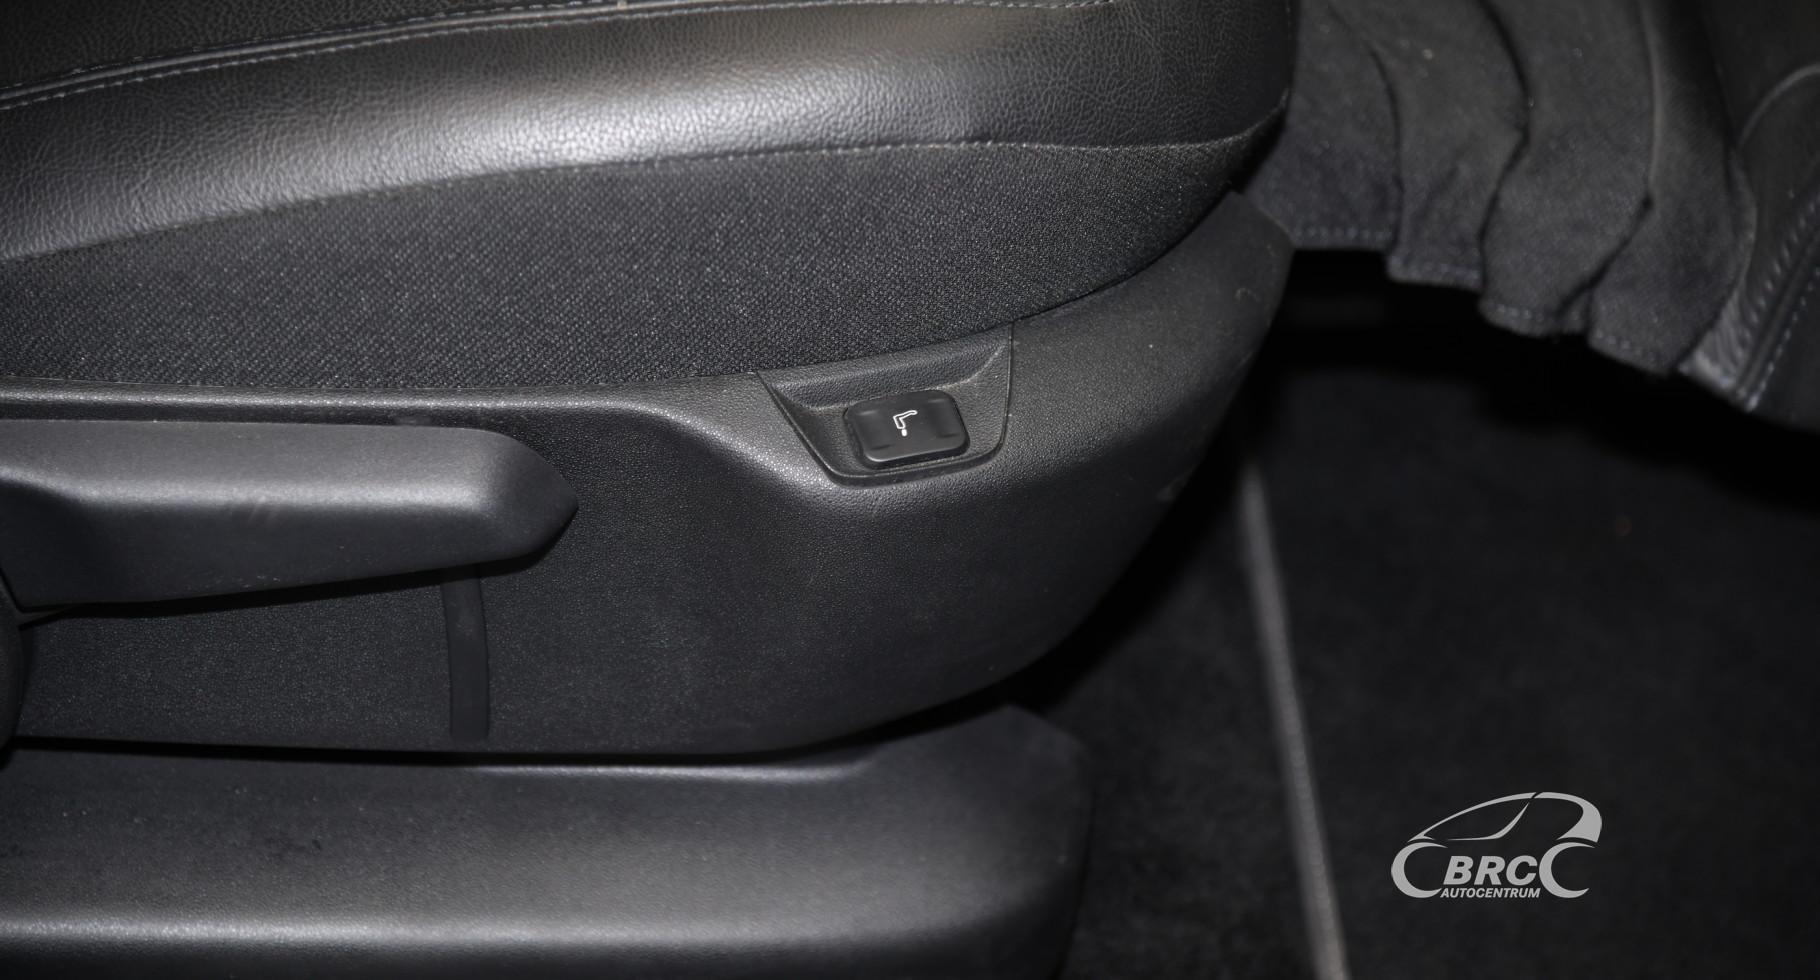 Citroen Grand C4 Picasso 2.0 HDi